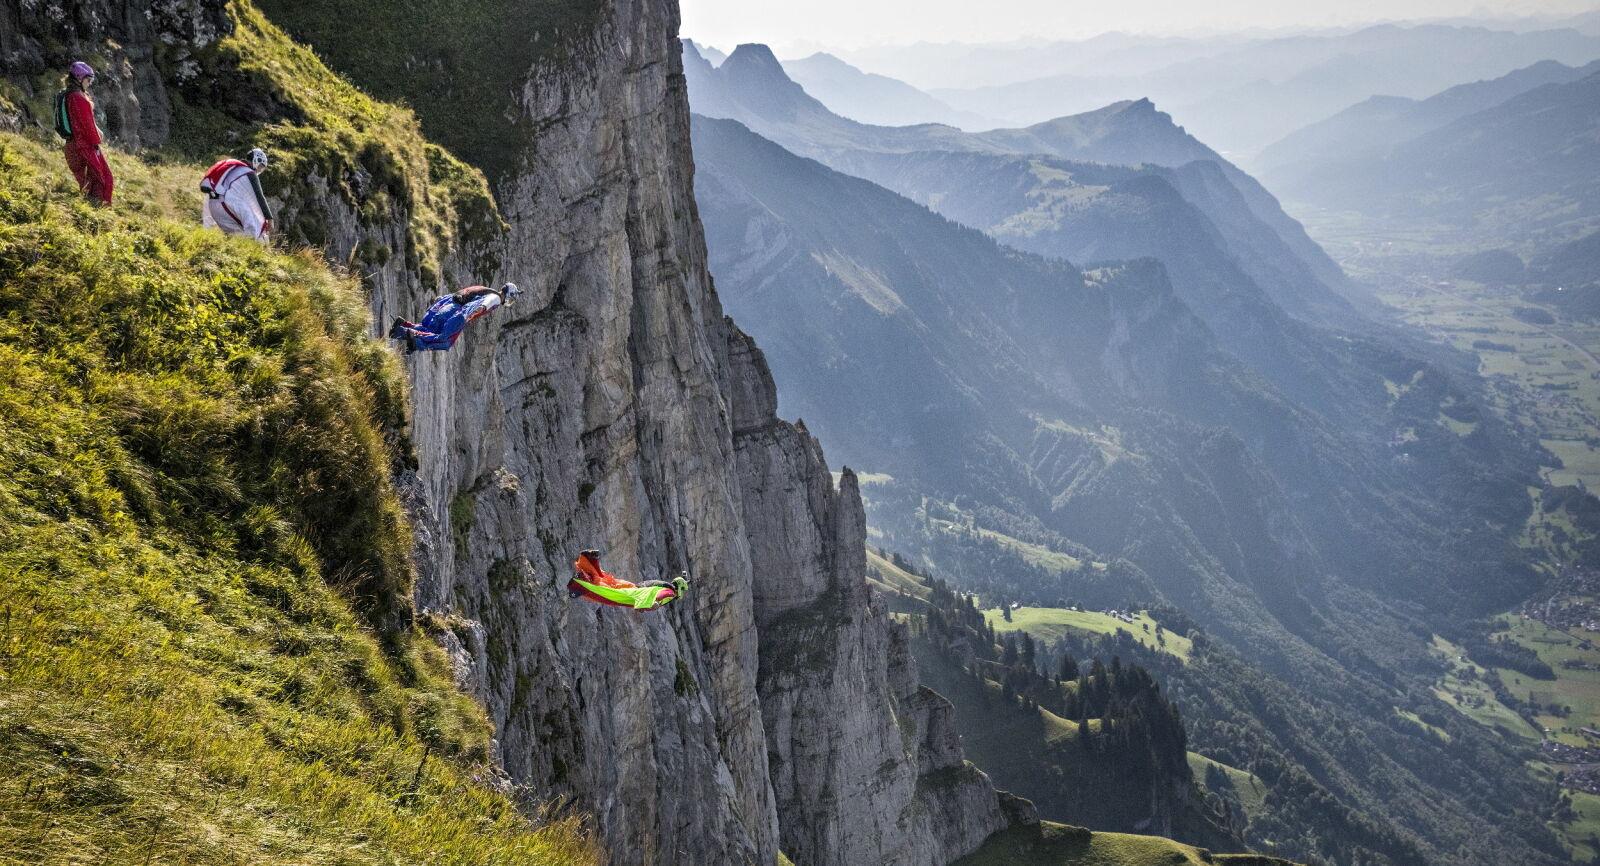 Hege Ringard, Niccolo Porcella, Jokke Sommer and Felix Lorentzen jumping from the «Sputnik»-exit above Walenstadt, Switzerland. Photo: Jørn H. Moen / Dagbladet